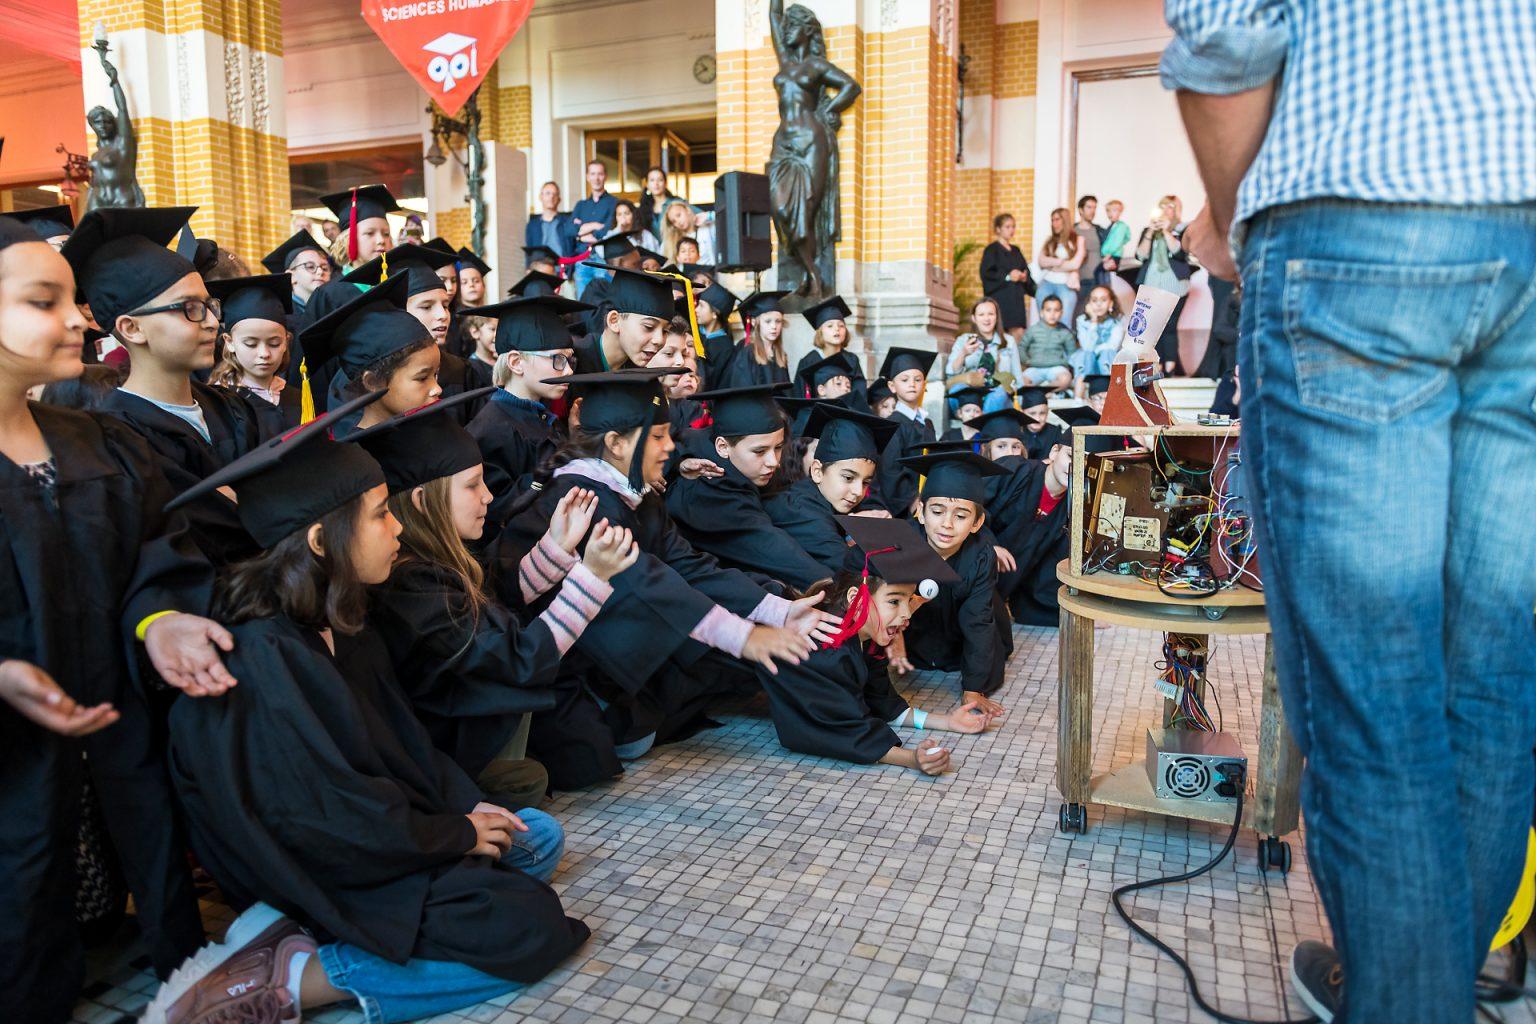 Université des Enfants de Charleroi ; démonstration d'un robot. Reportage photographique de l'événement par Aurore Delsoir photographe événementiel